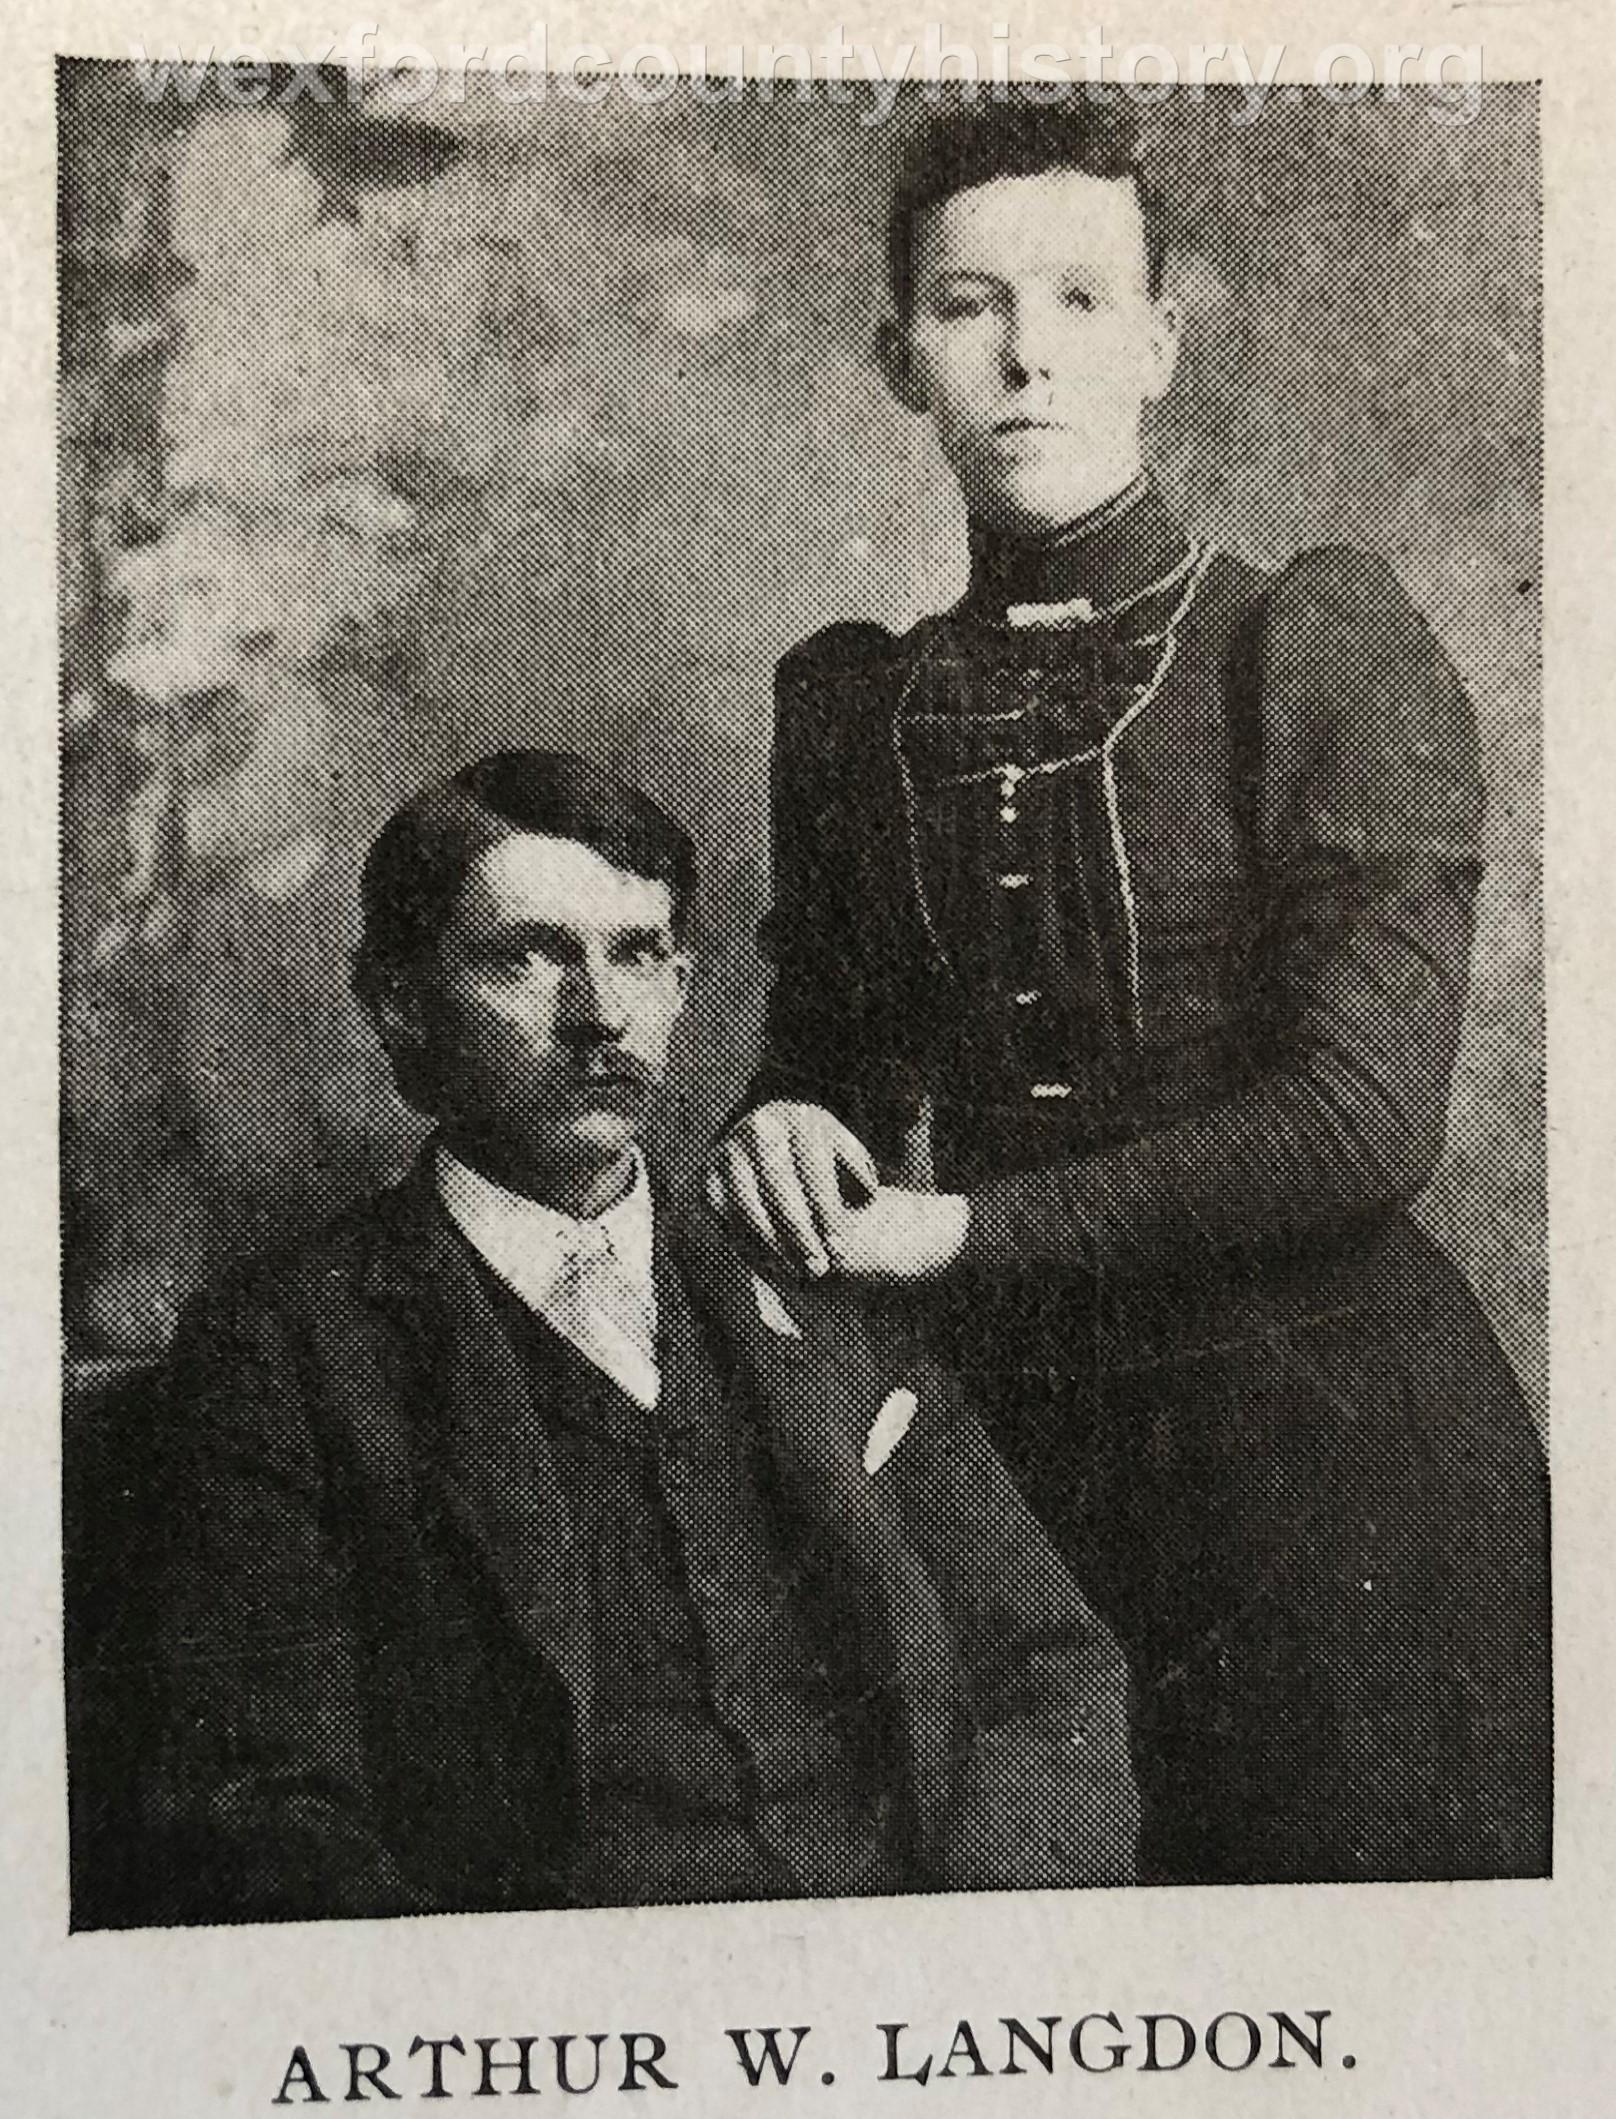 Arthur W. Landgon